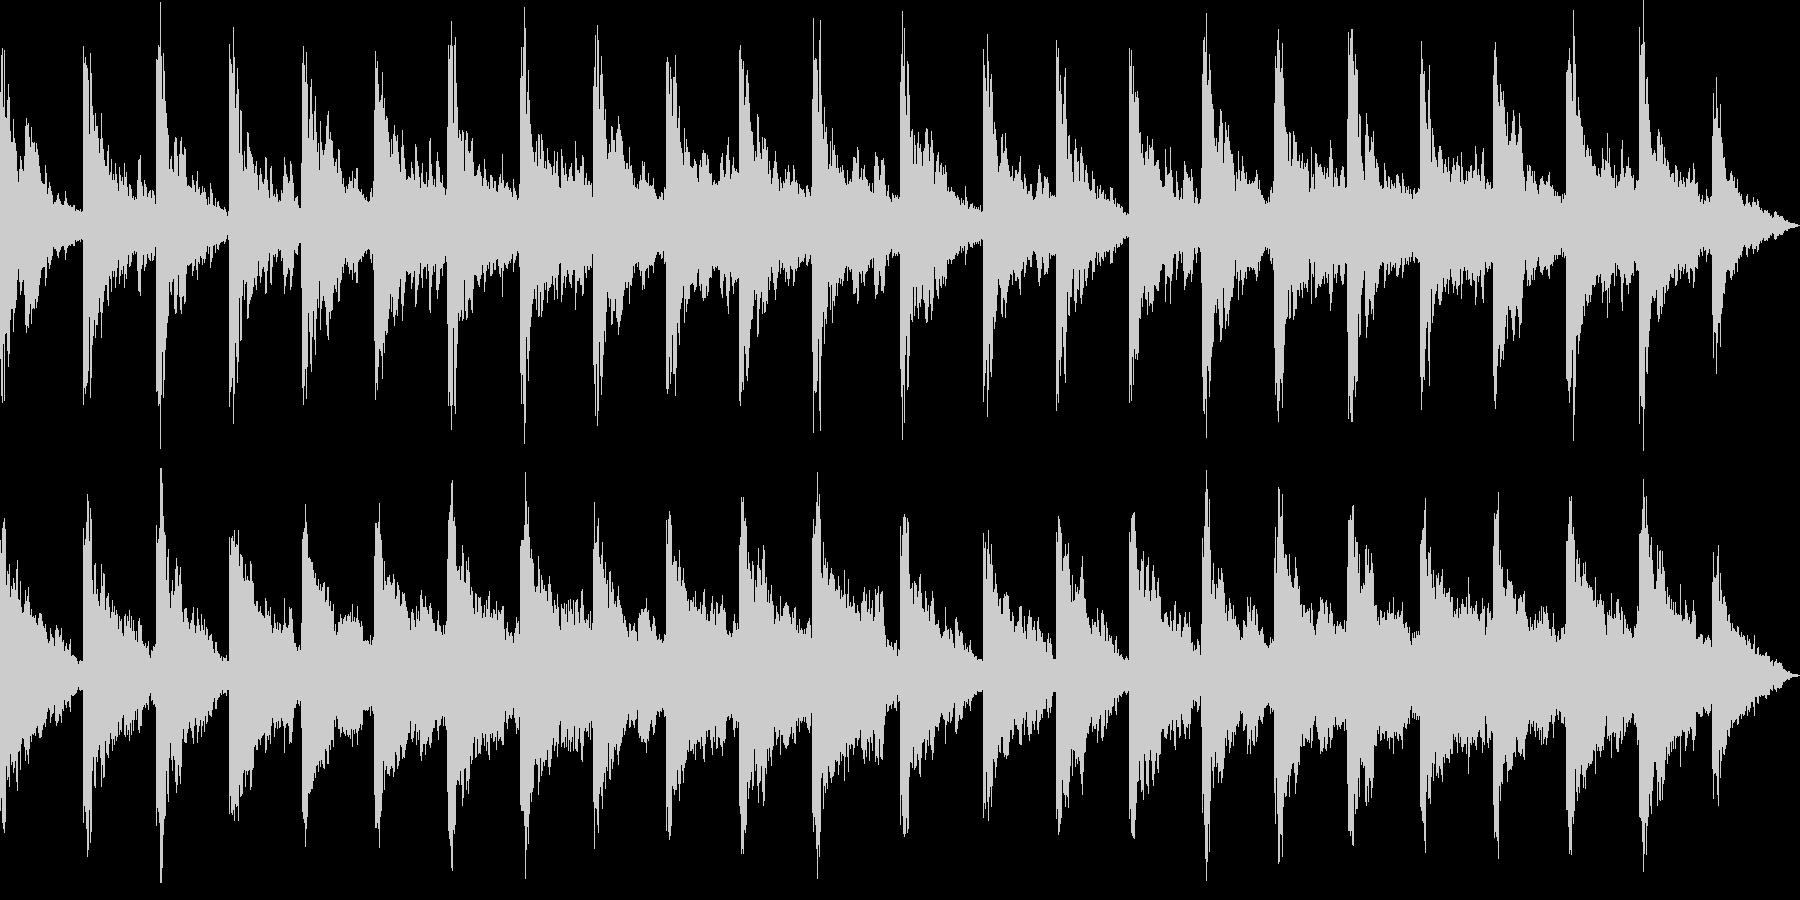 水をイメージしたアンビエントミュージッ…の未再生の波形